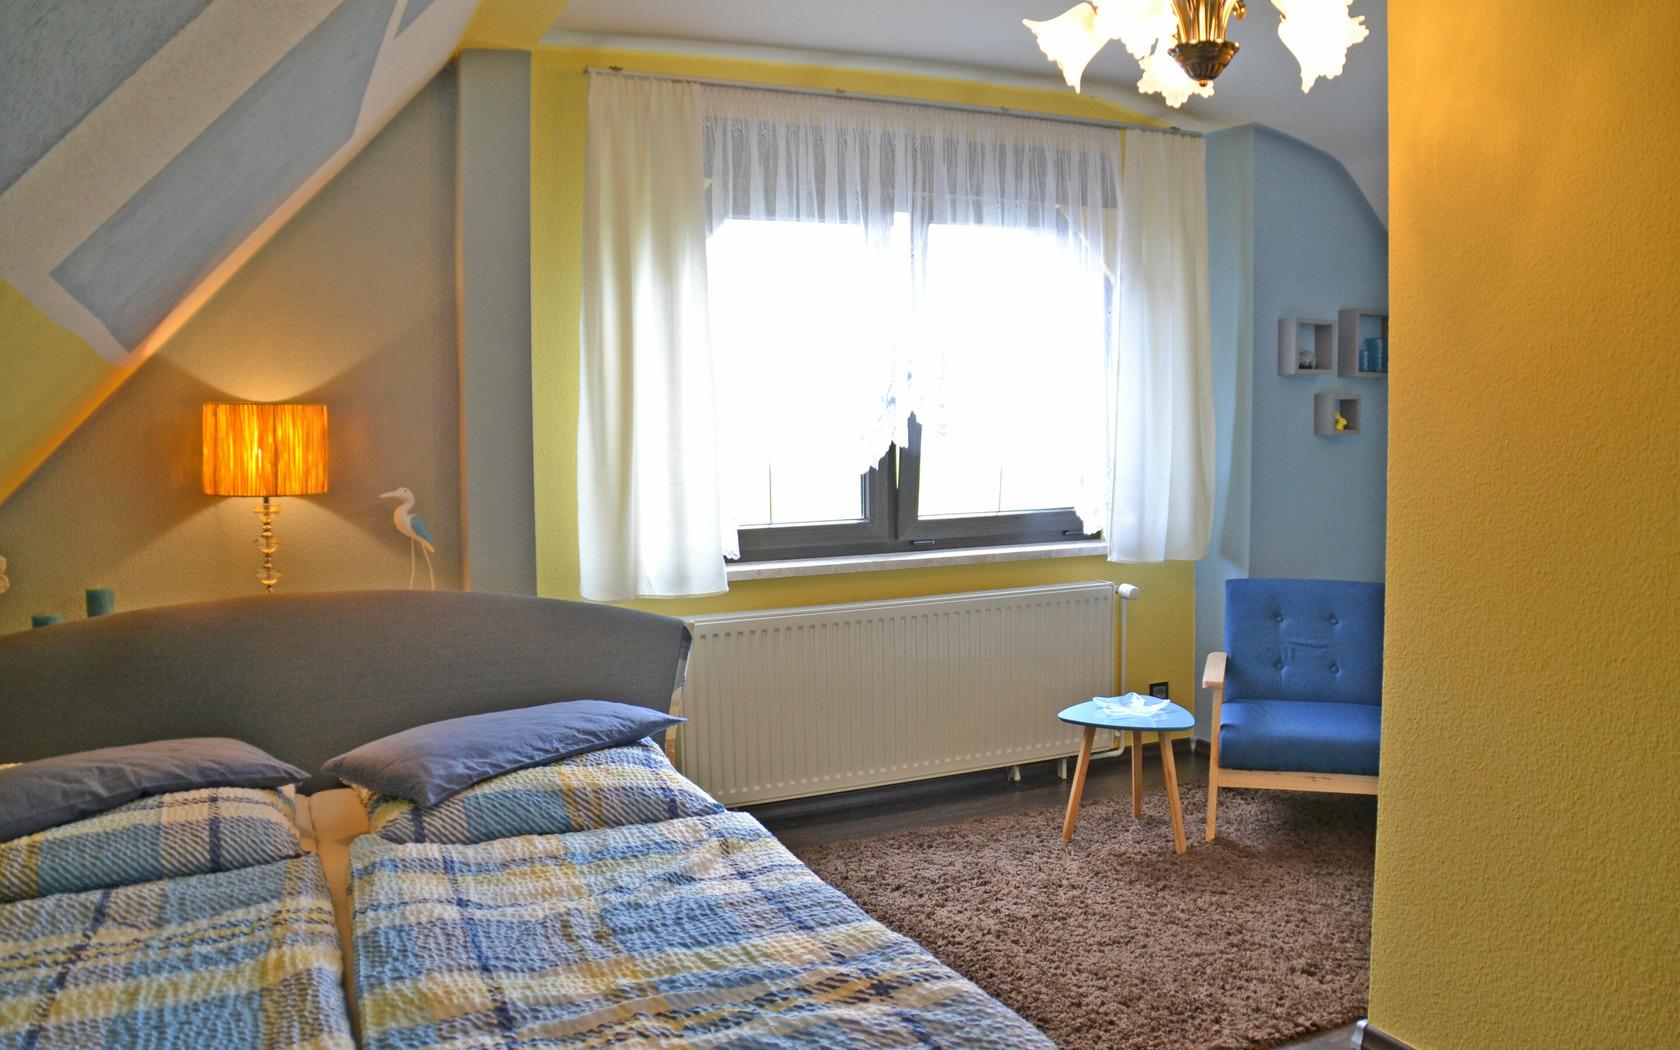 Ferienhaus Hasenland, Foto: MuT Guben